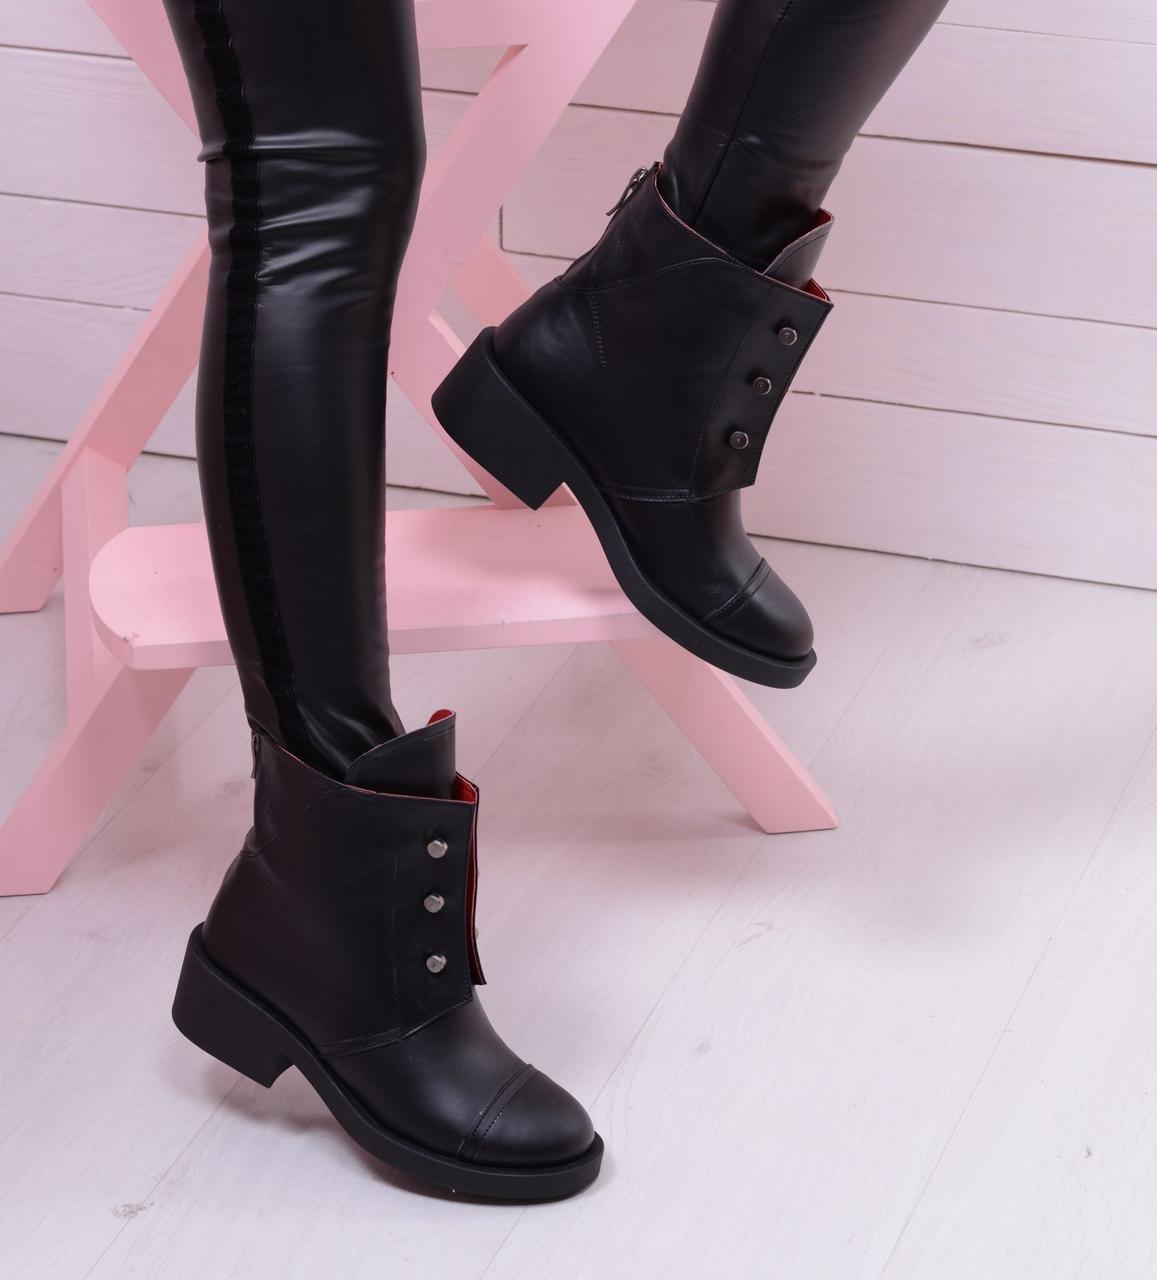 Ботинки Hermes женские. Высокие сапоги Гермес с широким голенищем женские.  Перейти на официальный сайт 0edf3fed7c0